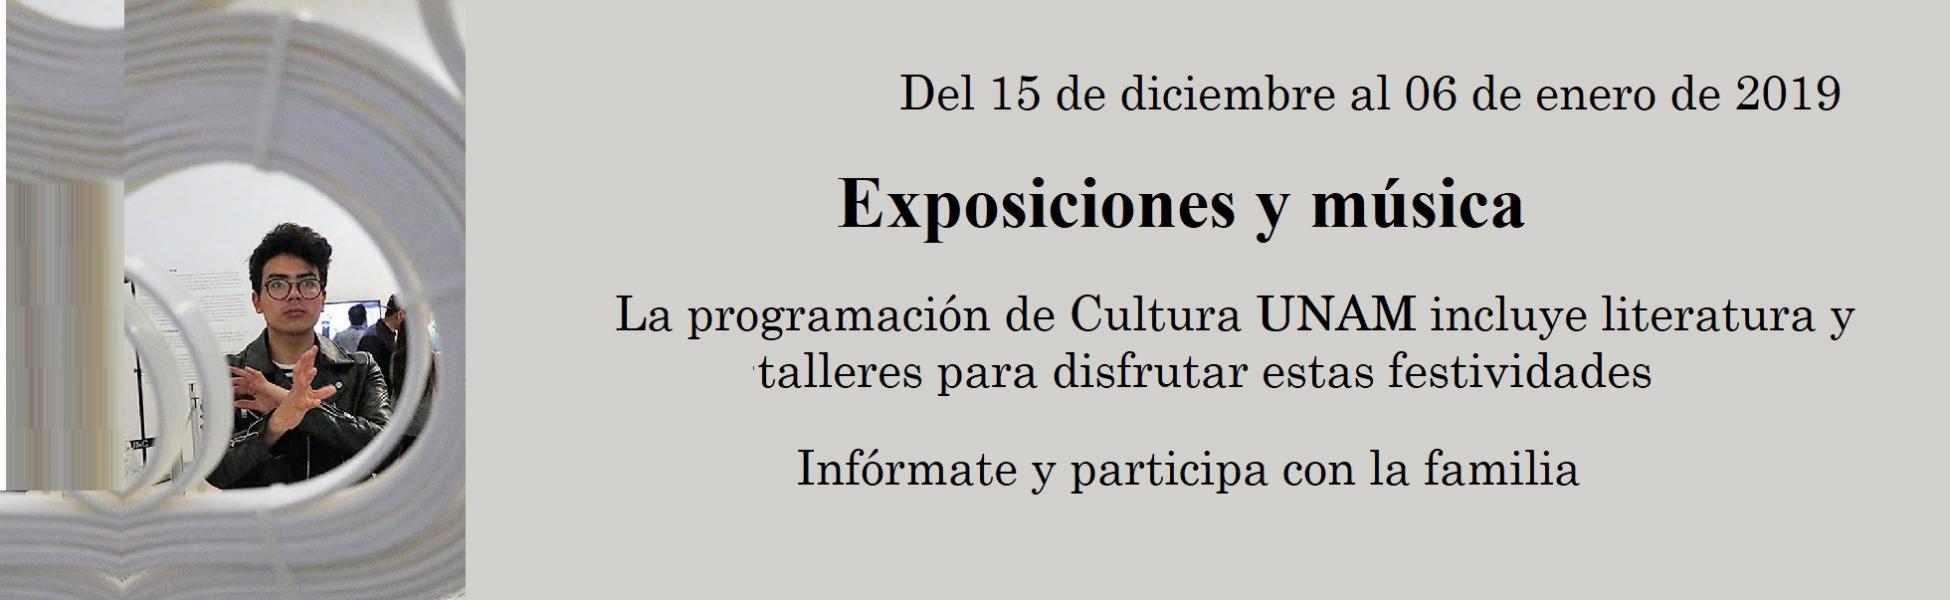 Del 15 de diciembre al 06 de enenro de 2019, Exposiciones y Música en la UNAM